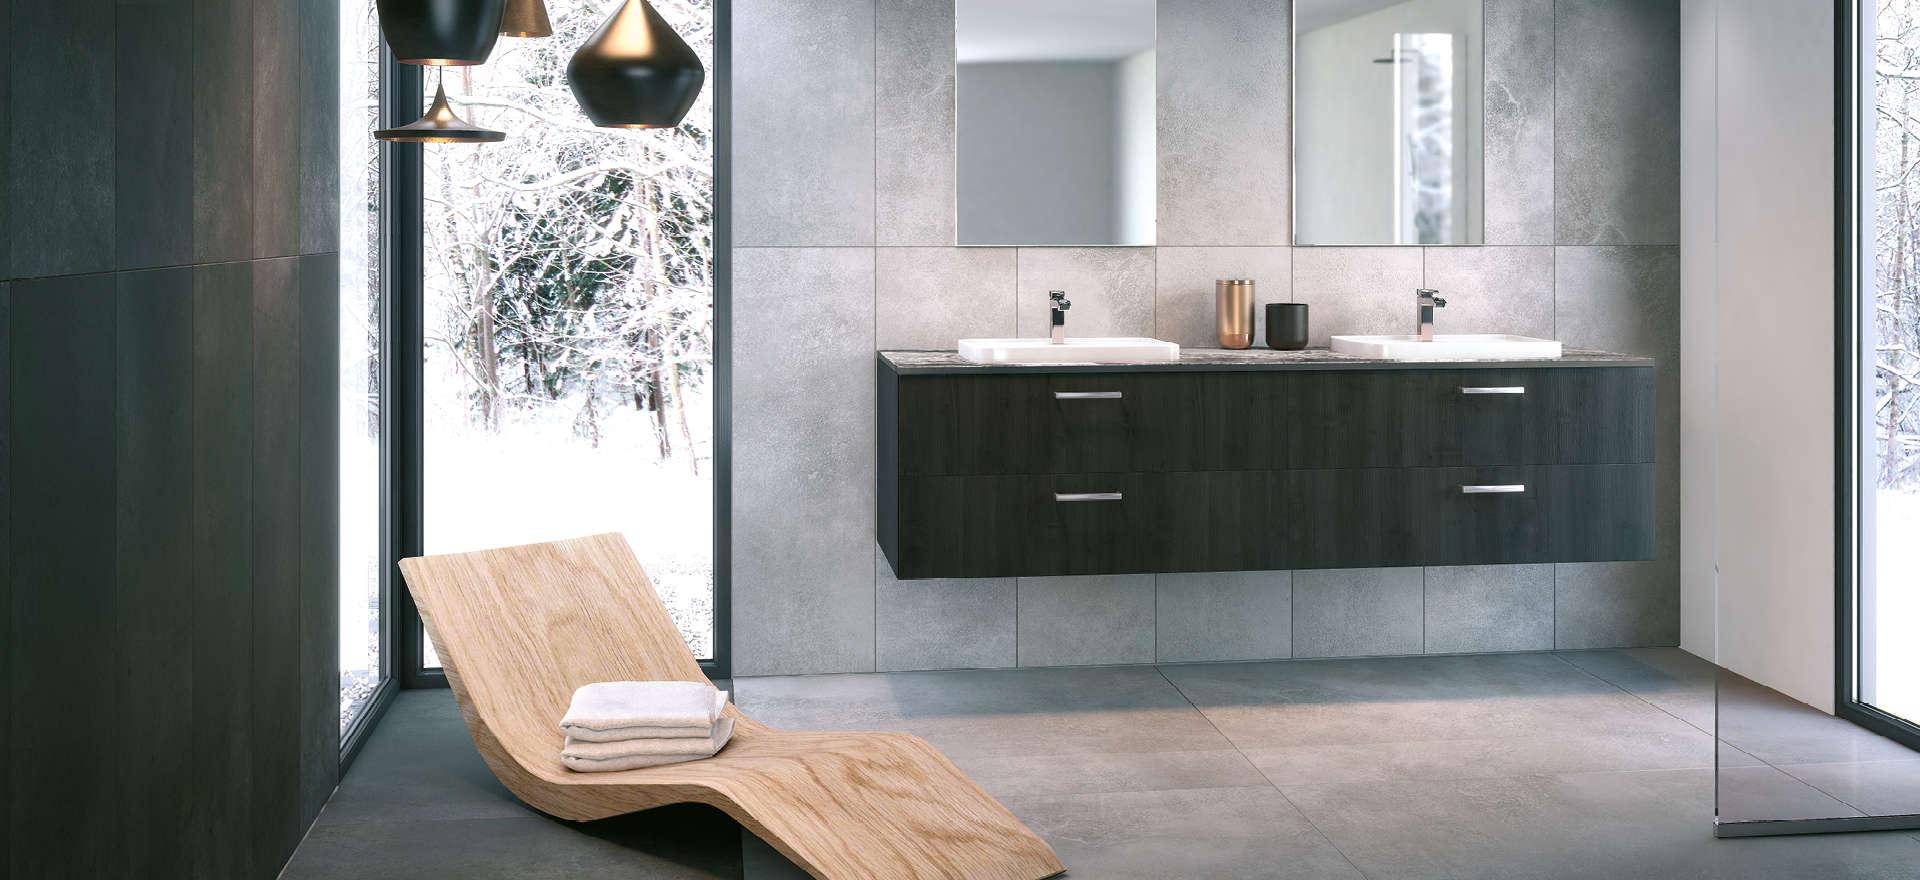 382a73e0 Uansett hvilken utforming du ønsker på badet ditt, er vi behjelpelige med  alt fra inspirasjon til ditt nye bad, til levering og montering.